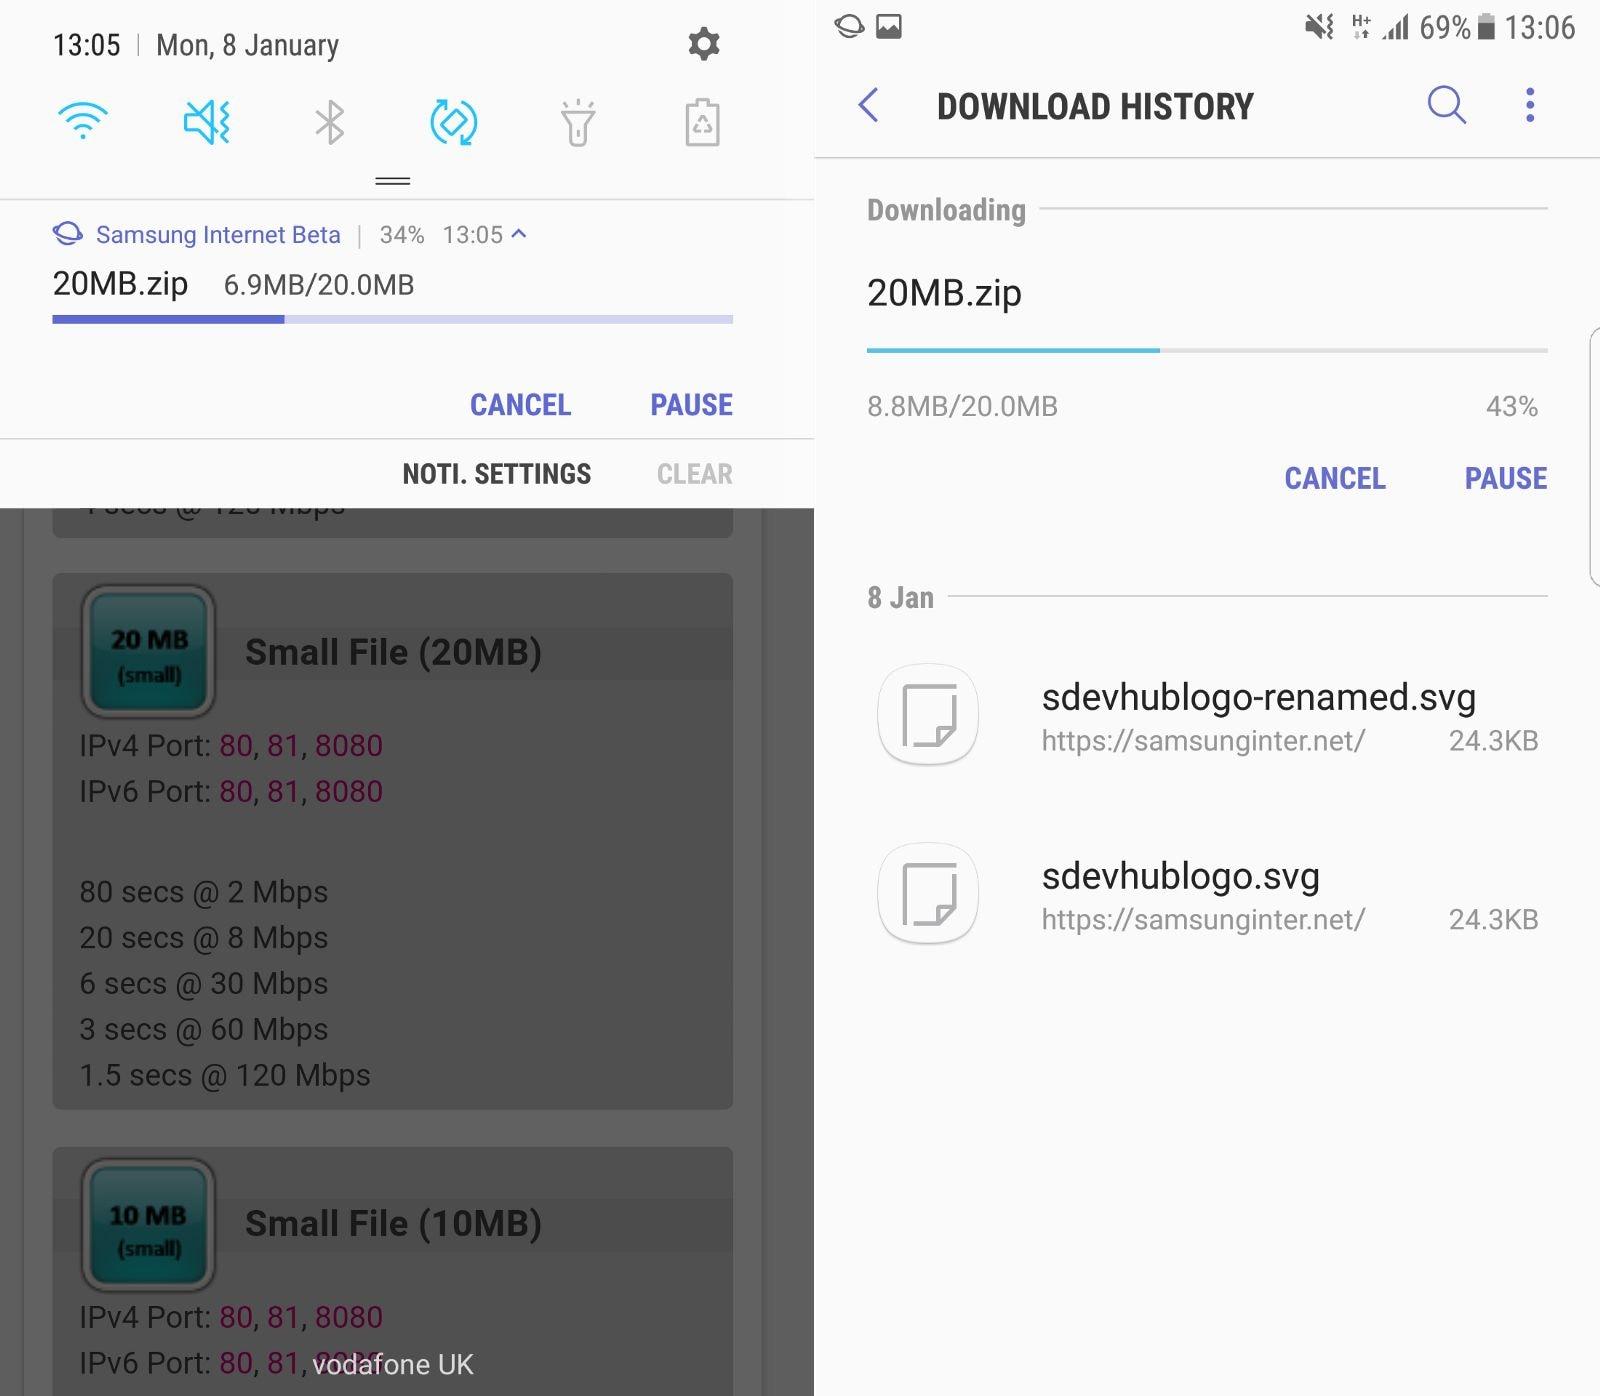 samsung-internet-browser-6-4-download-manager